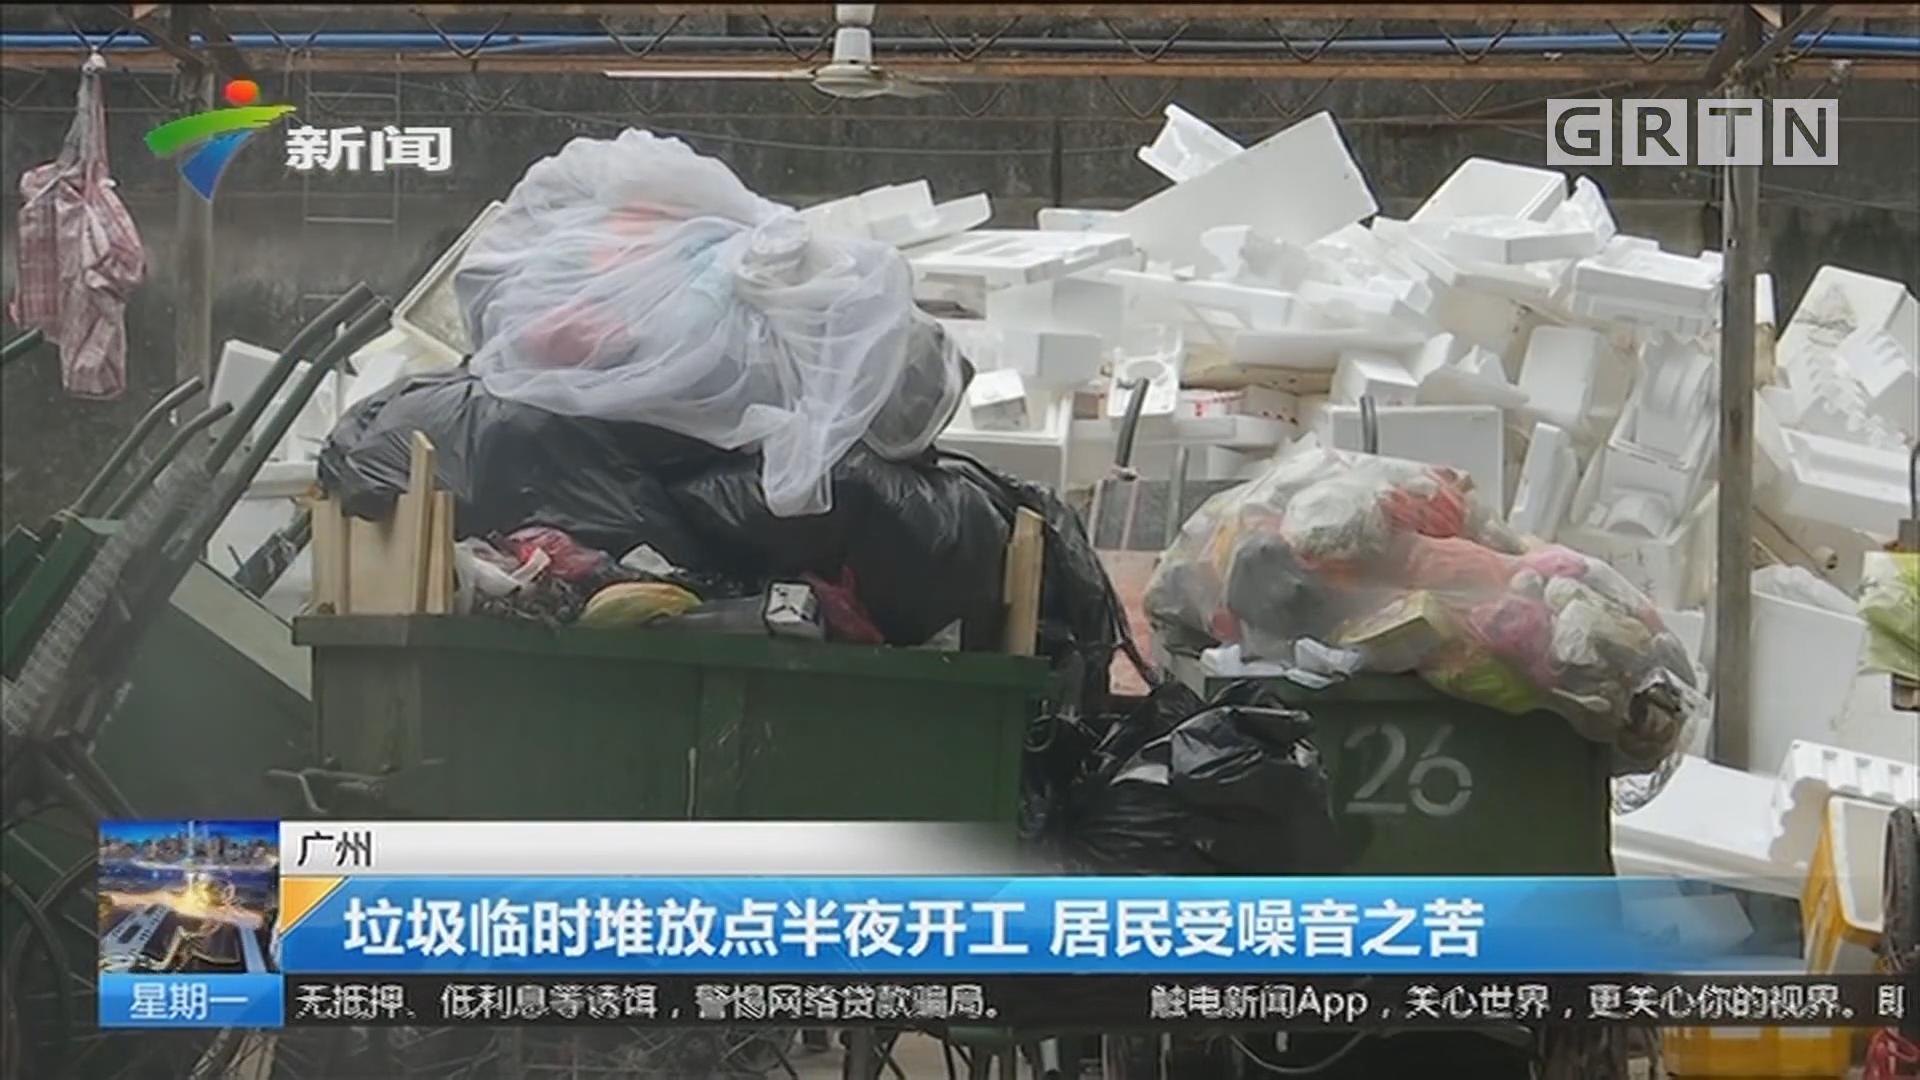 广州:垃圾临时堆放点半夜开工 居民受噪音之苦